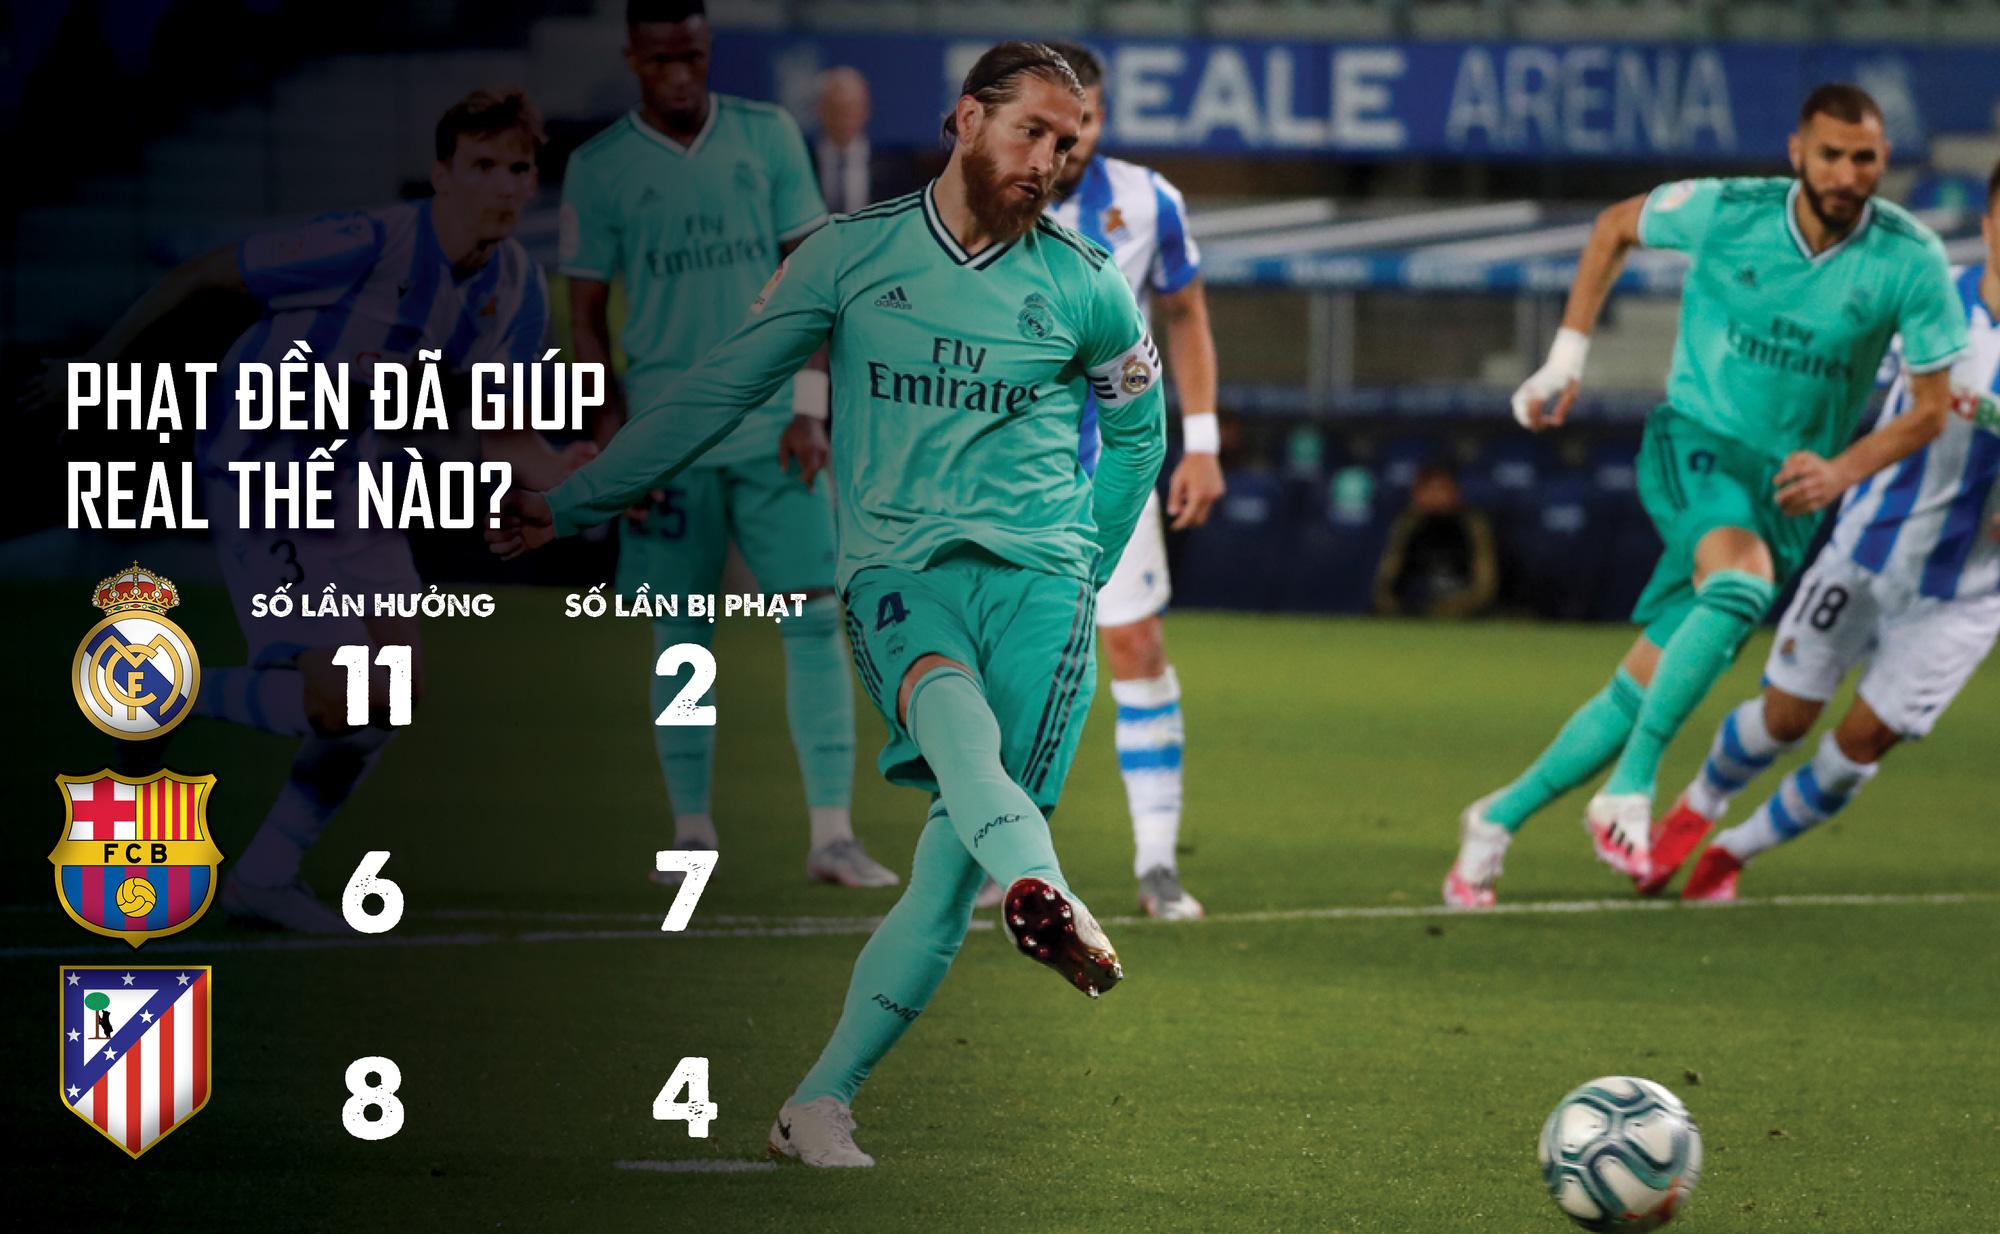 Zidane – 14 tấm thẻ đỏ, rèn nên vị thần chiến thắng - Ảnh 13.